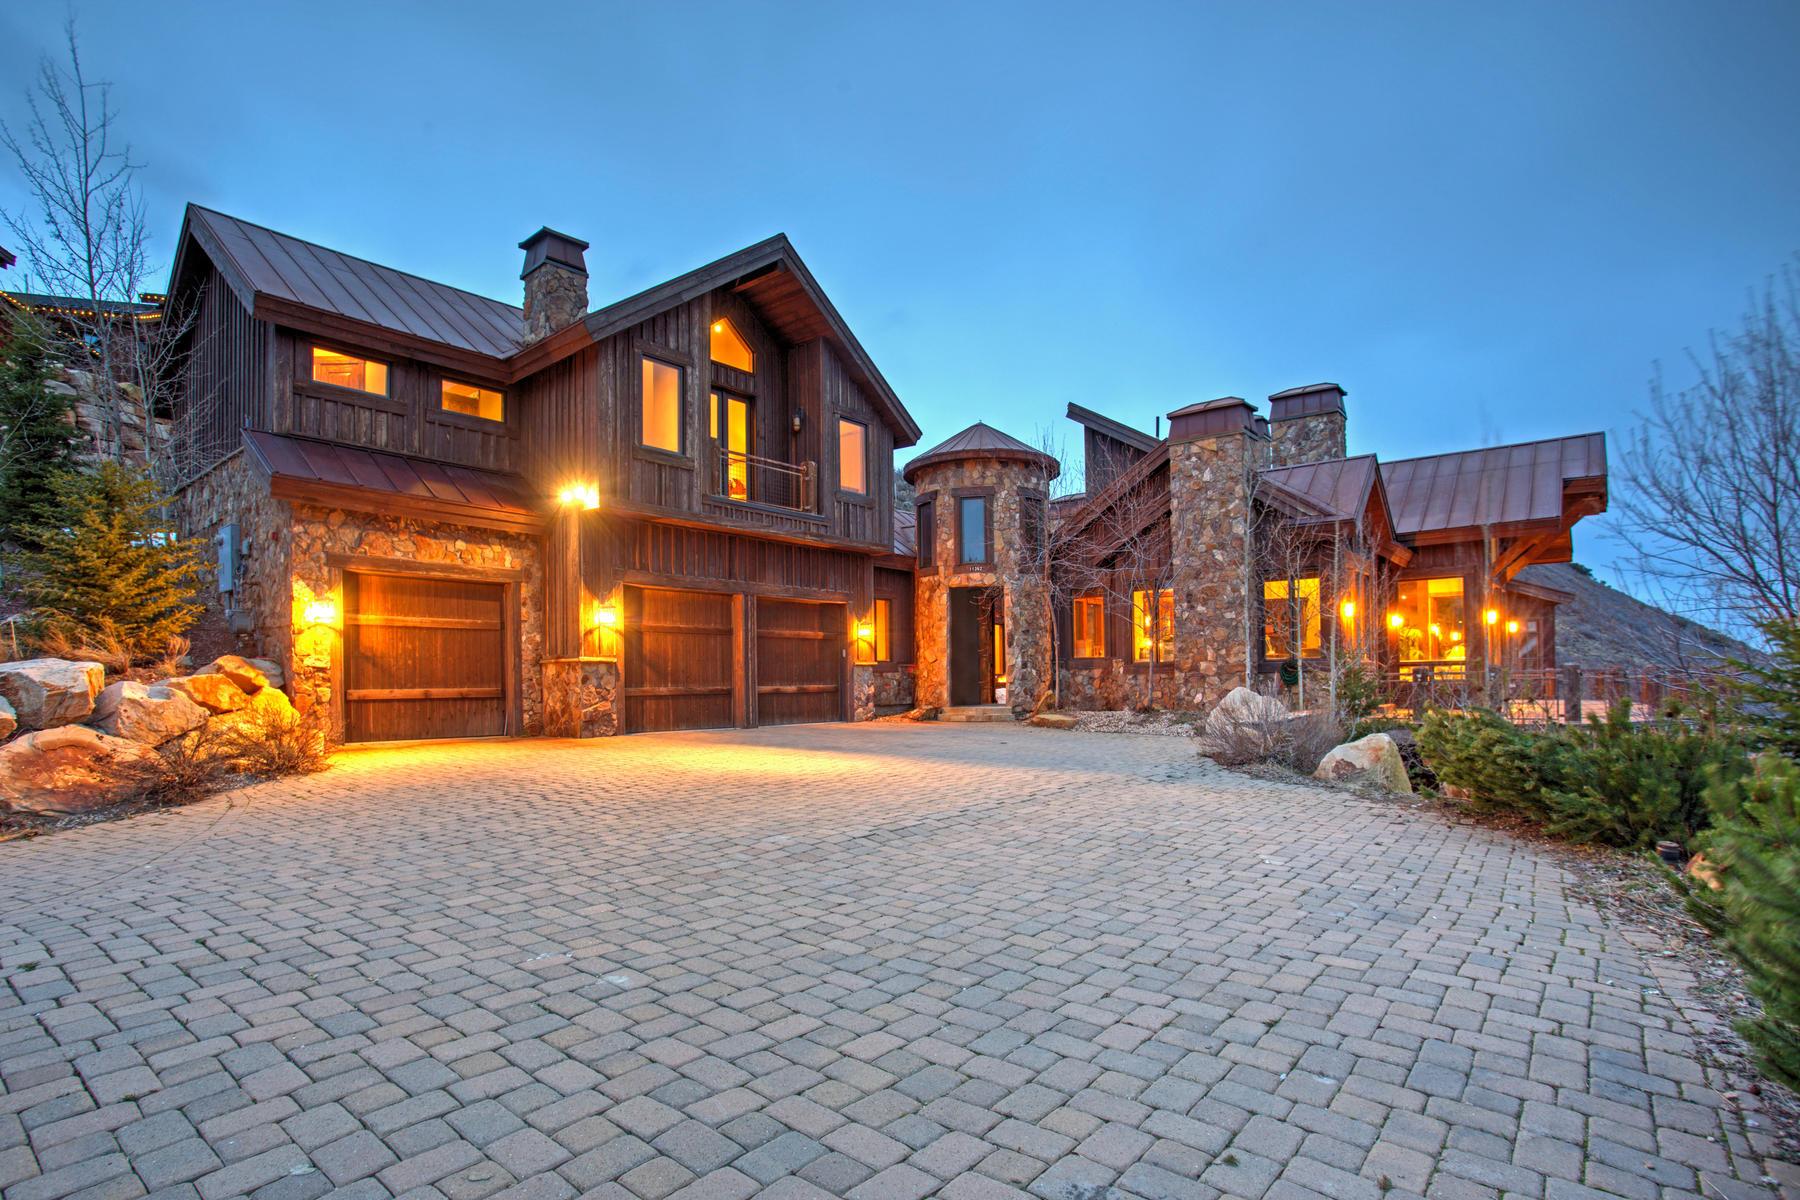 Villa per Vendita alle ore Panoramic View Home In Snow Top at Deer Crest 11362 N Snowtop Rd Park City, Utah, 84060 Stati Uniti